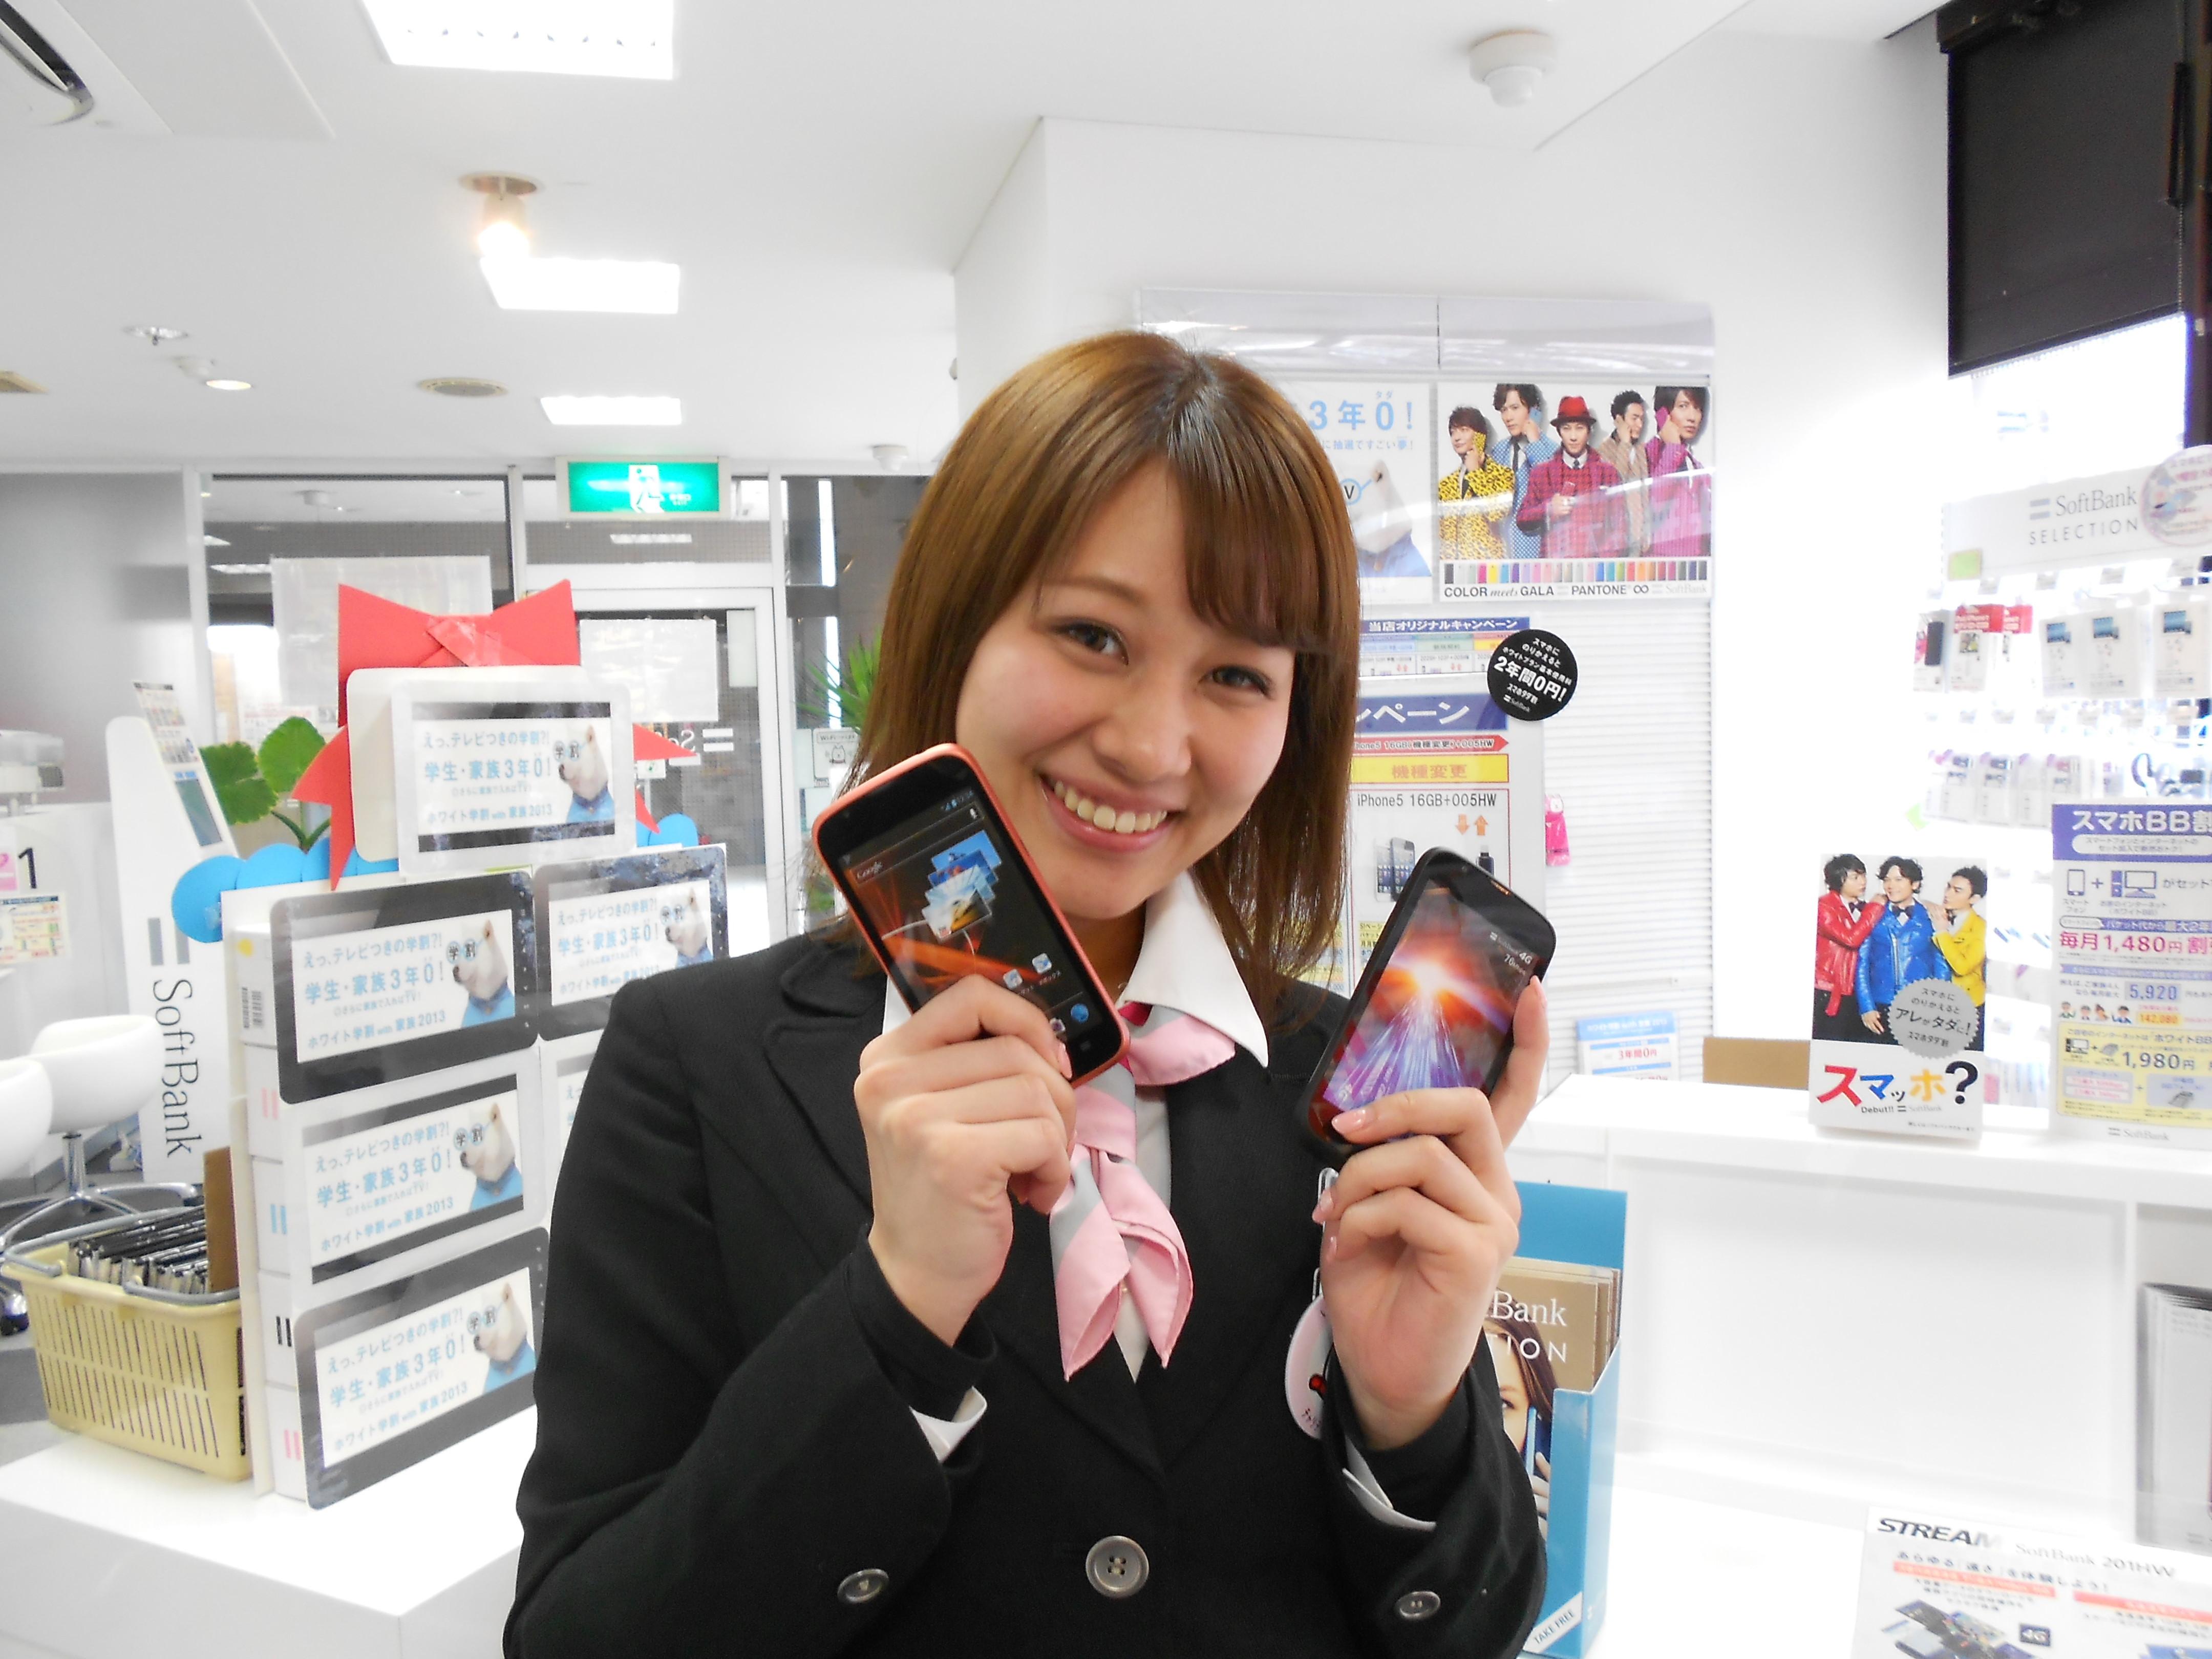 ワイモバイル 経堂(株式会社シエロ)のアルバイト情報